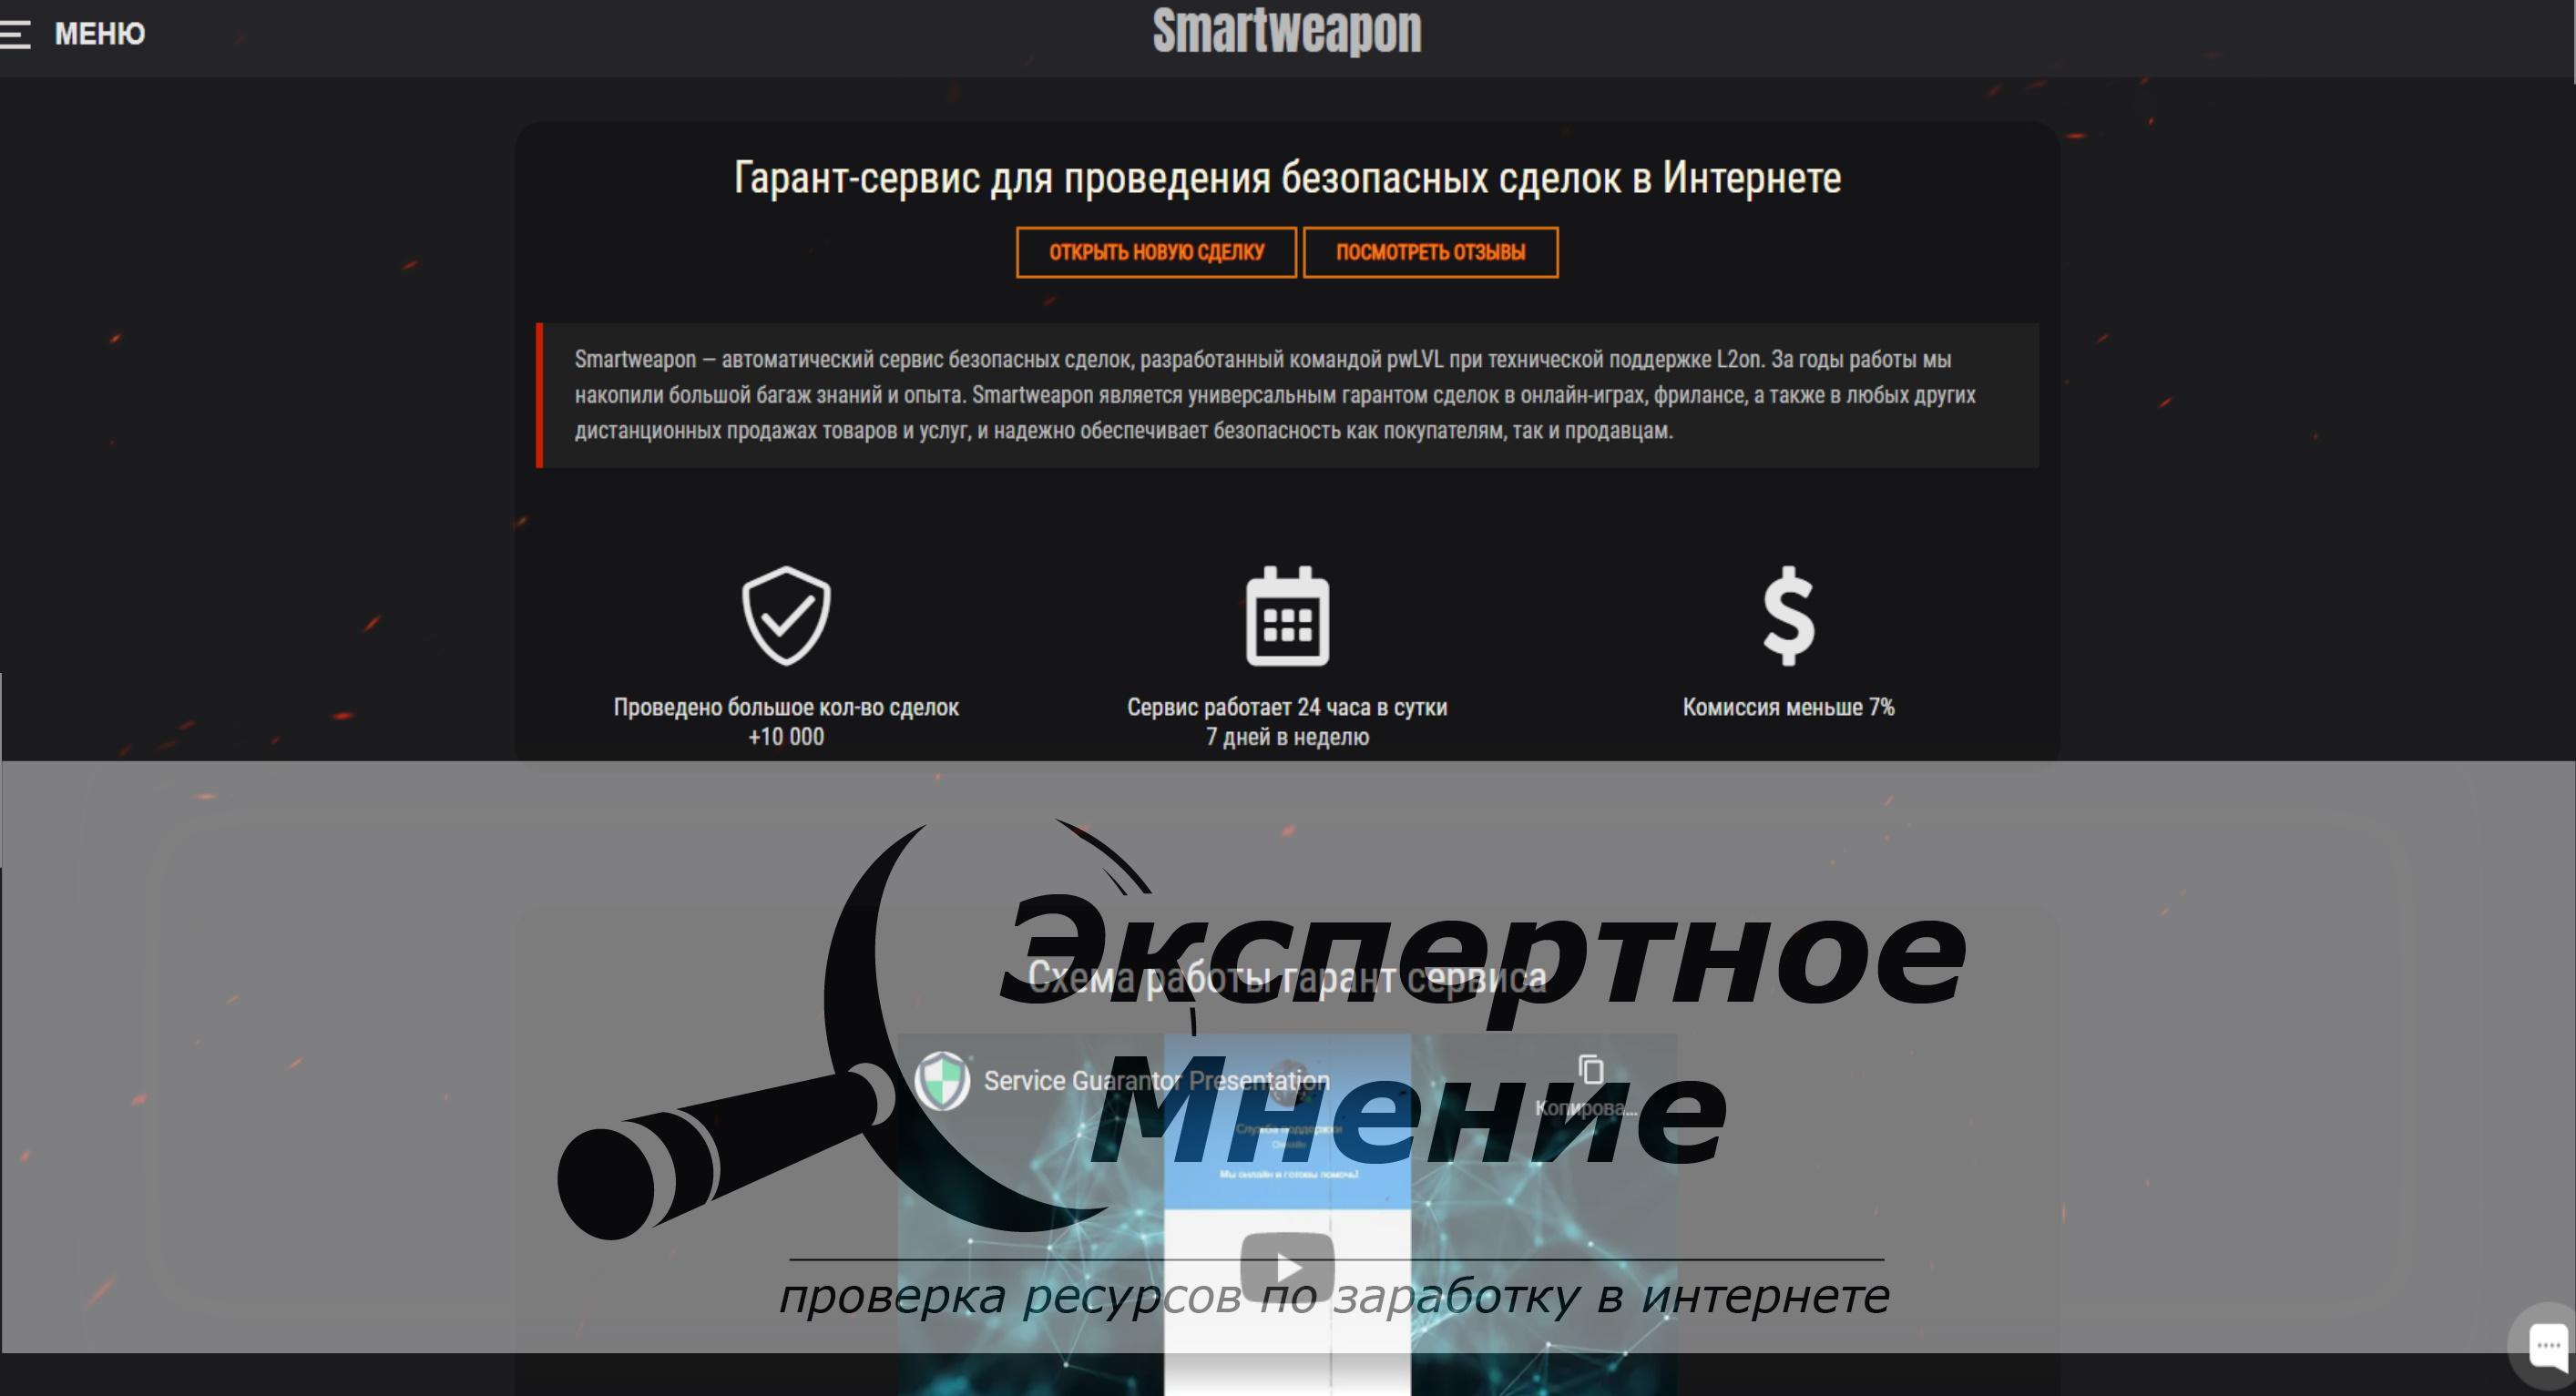 Гарант-сервис для проведения безопасных сделок в Интернете